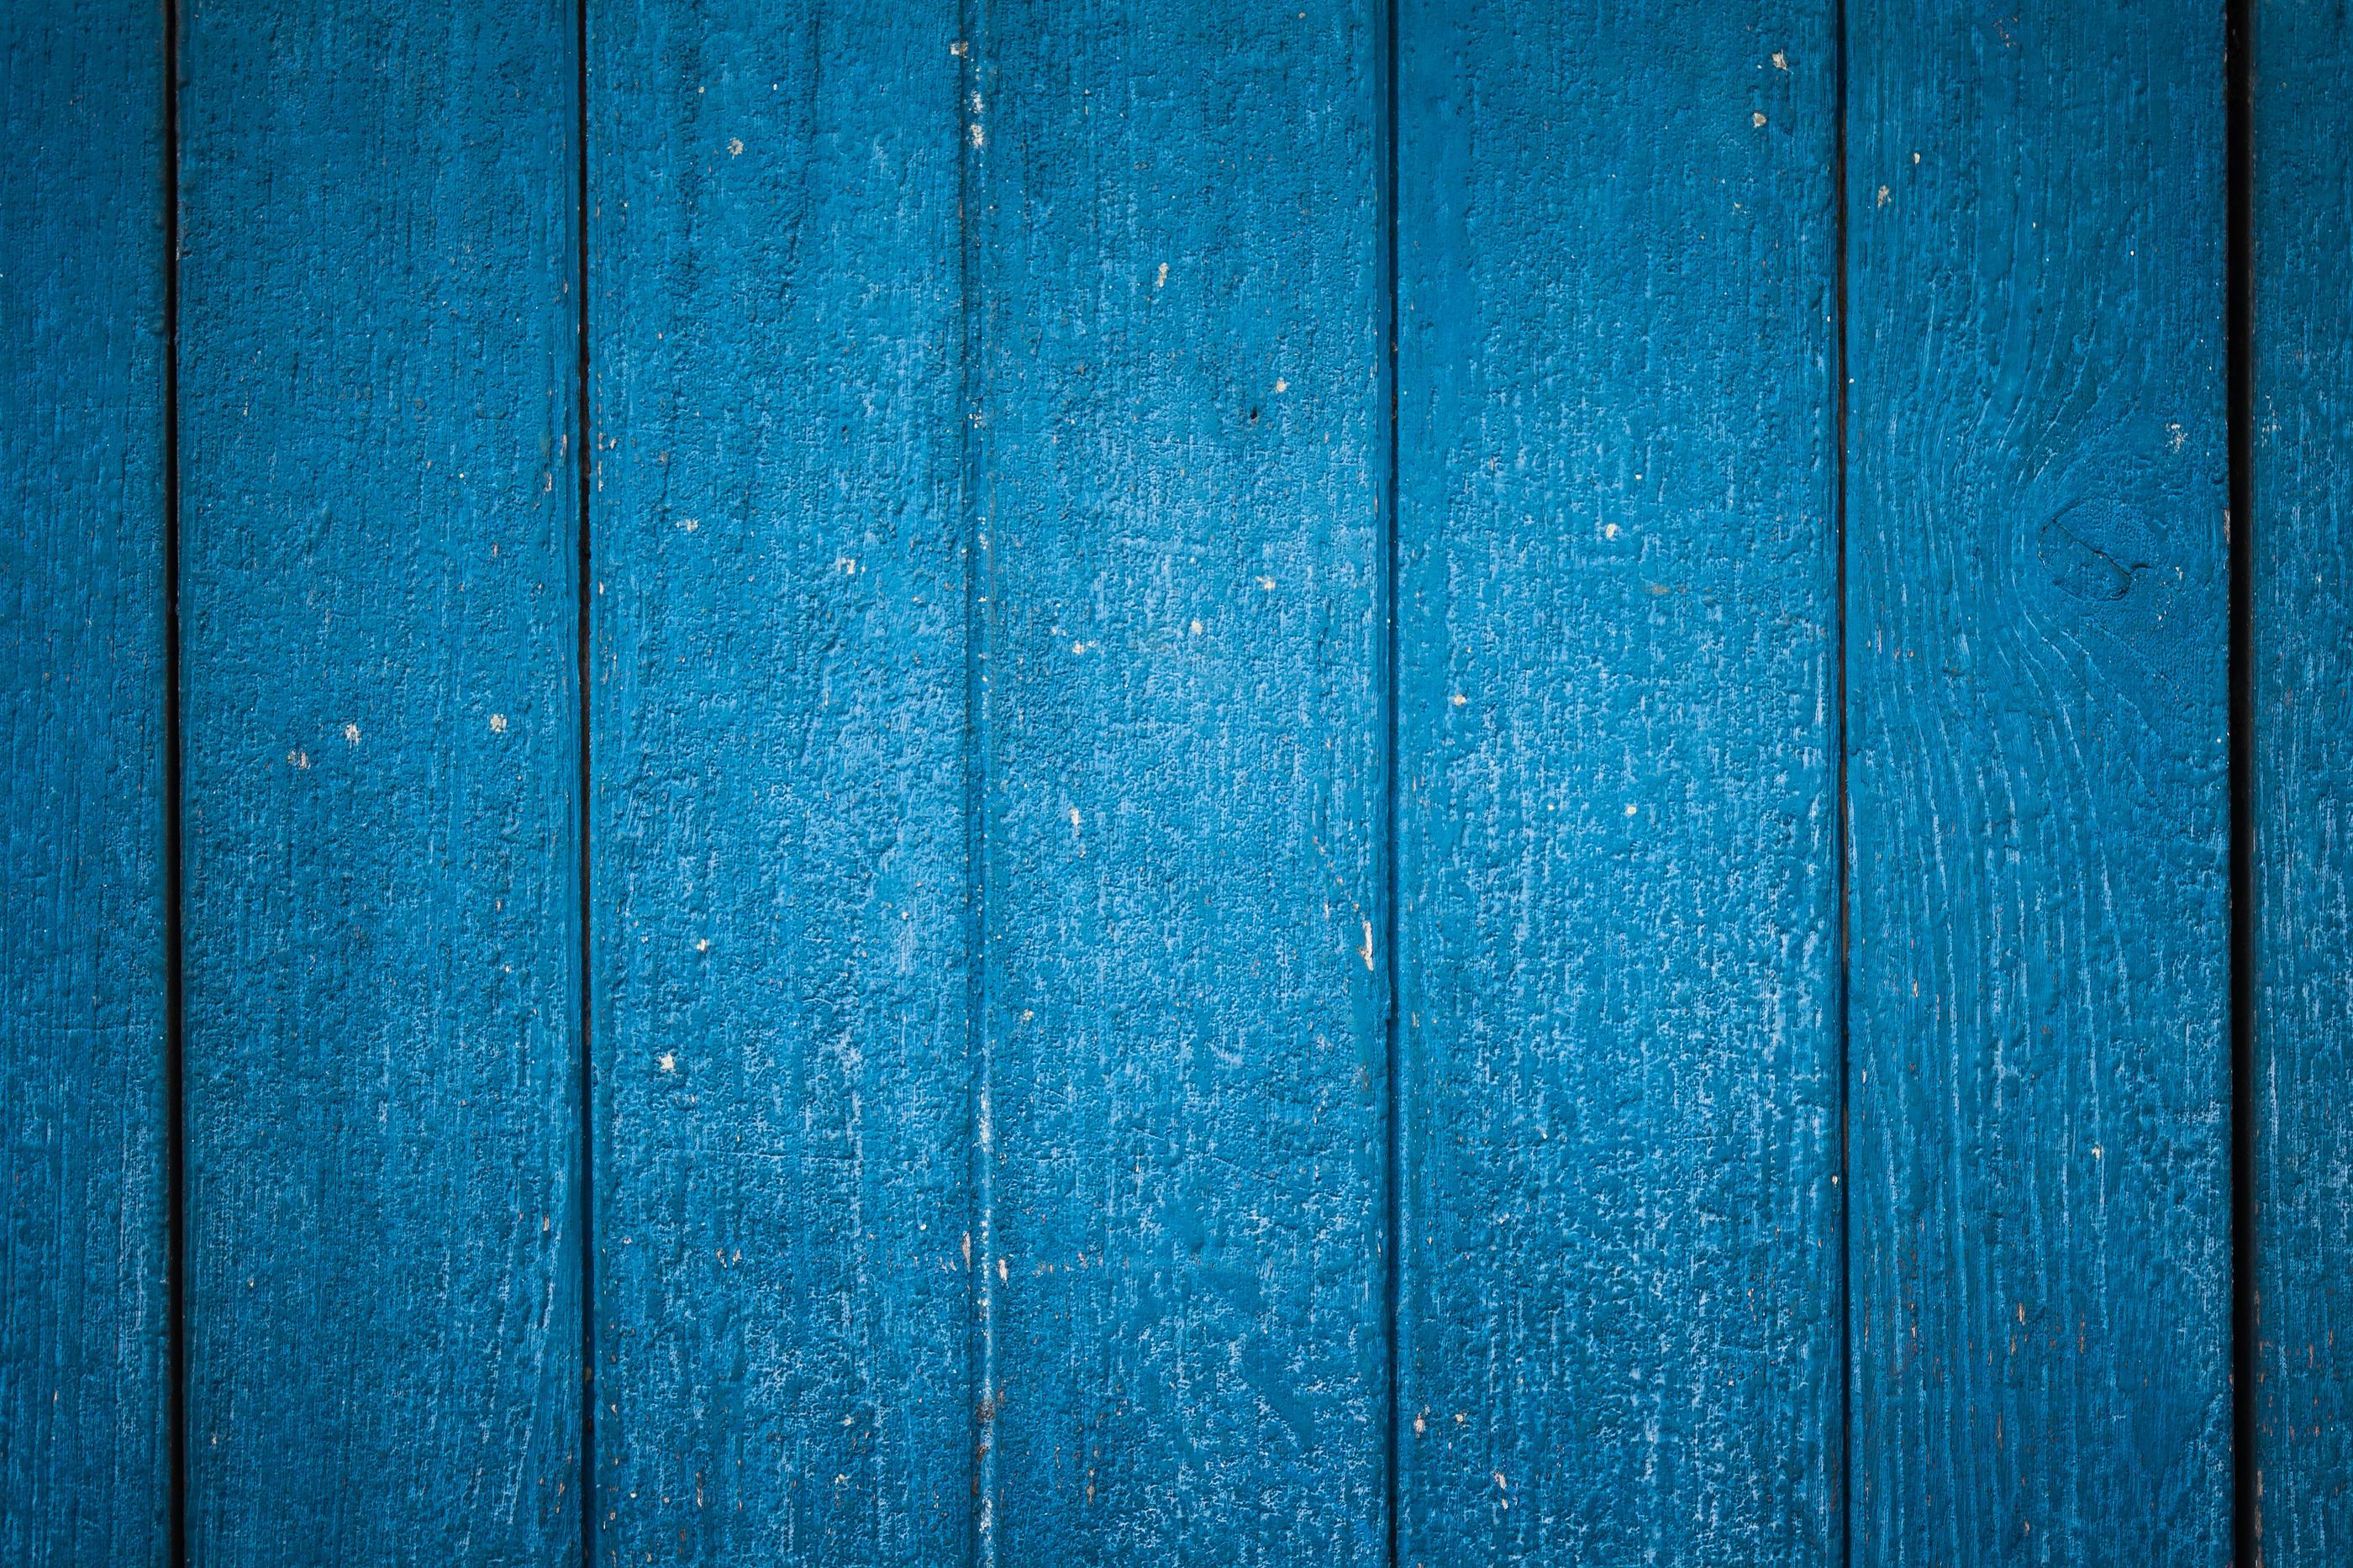 Grunge Blue Background.jpg